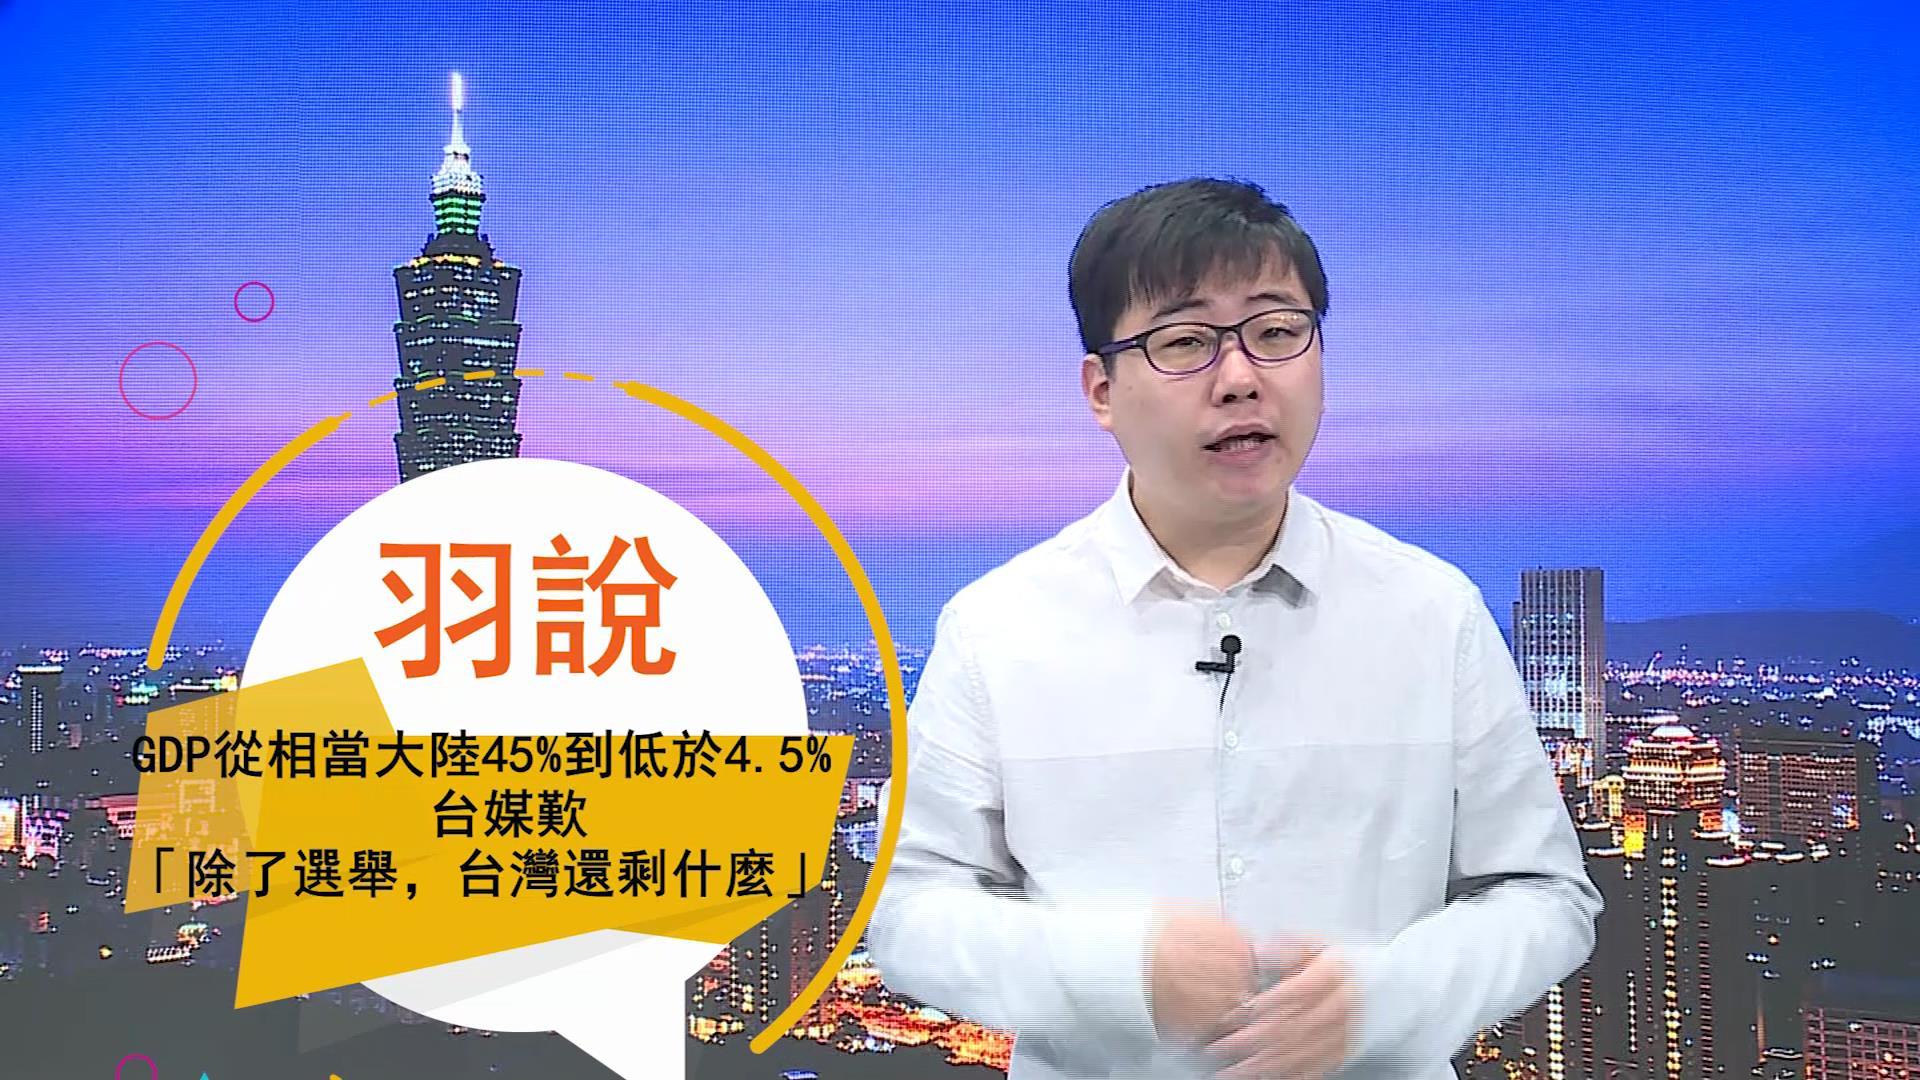 GDP从相当大陆45%到低于4.5%, 台湾仍拿岛内选举强刷对陆优越感?图片